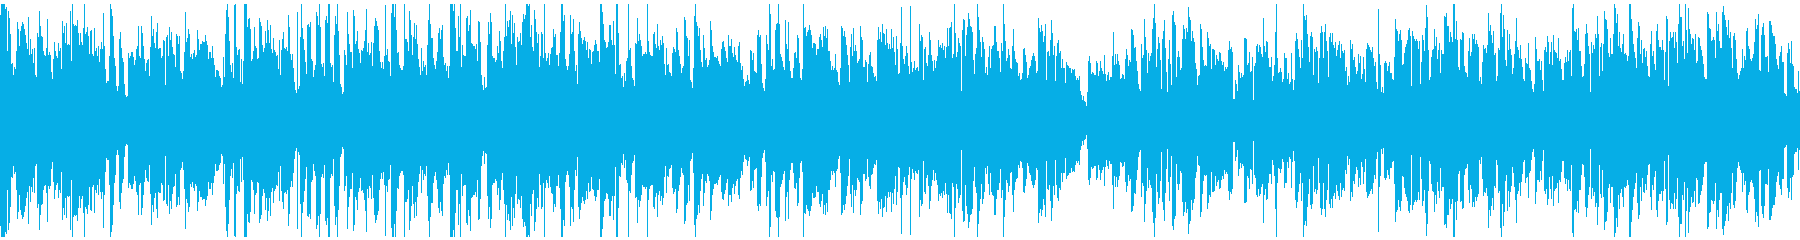 バーゲンセール中!っぽい雰囲気※ループ版の再生済みの波形